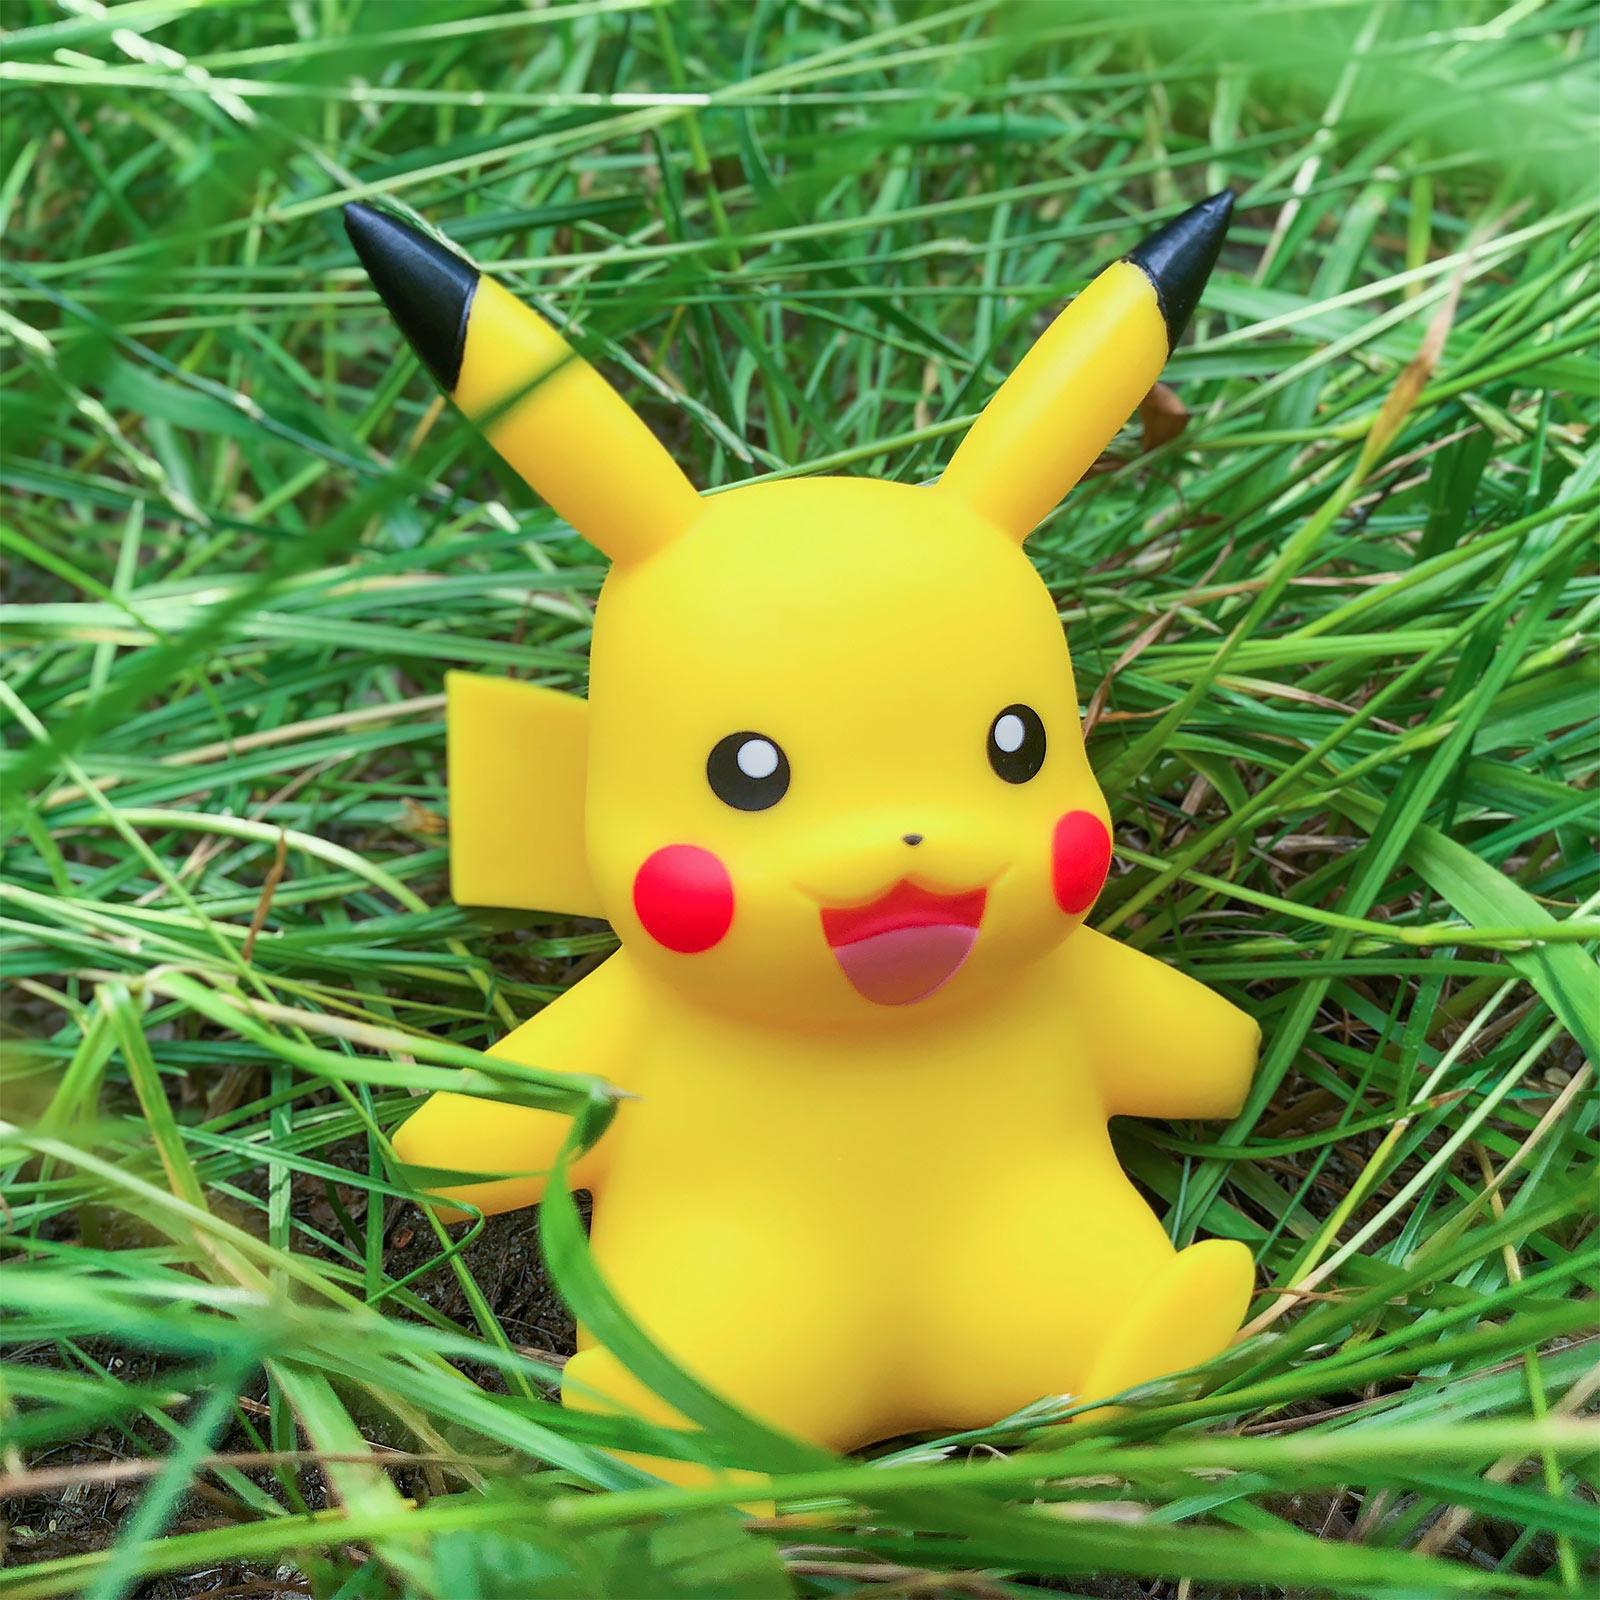 Pokemon - Pikachu Figur 10cm